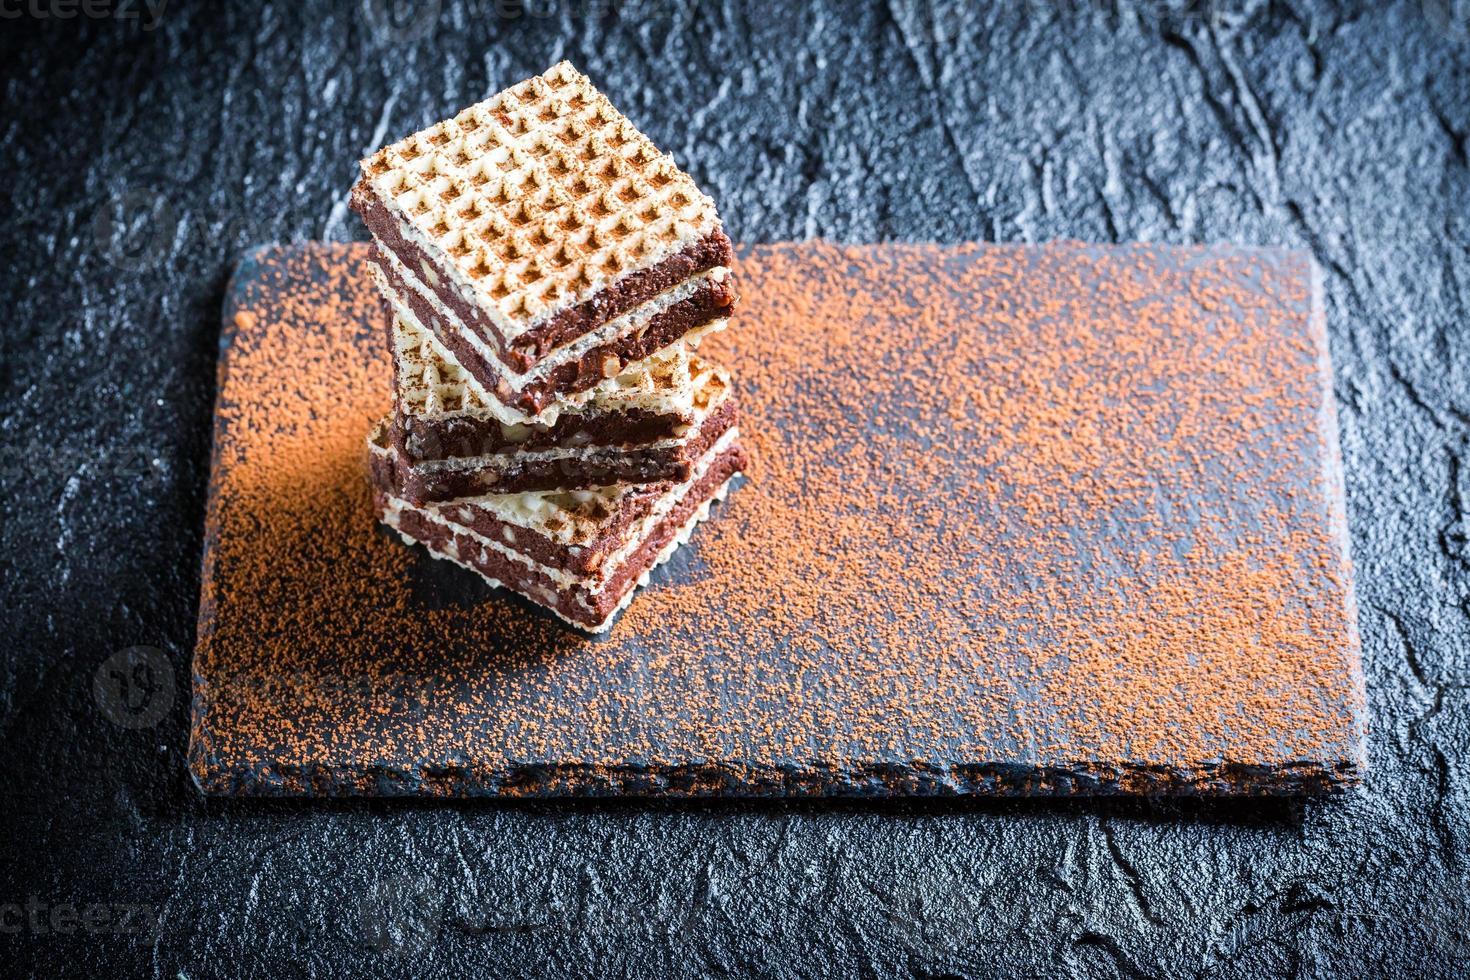 gaufrettes maison au chocolat et aux noisettes sur plaque de pierre photo